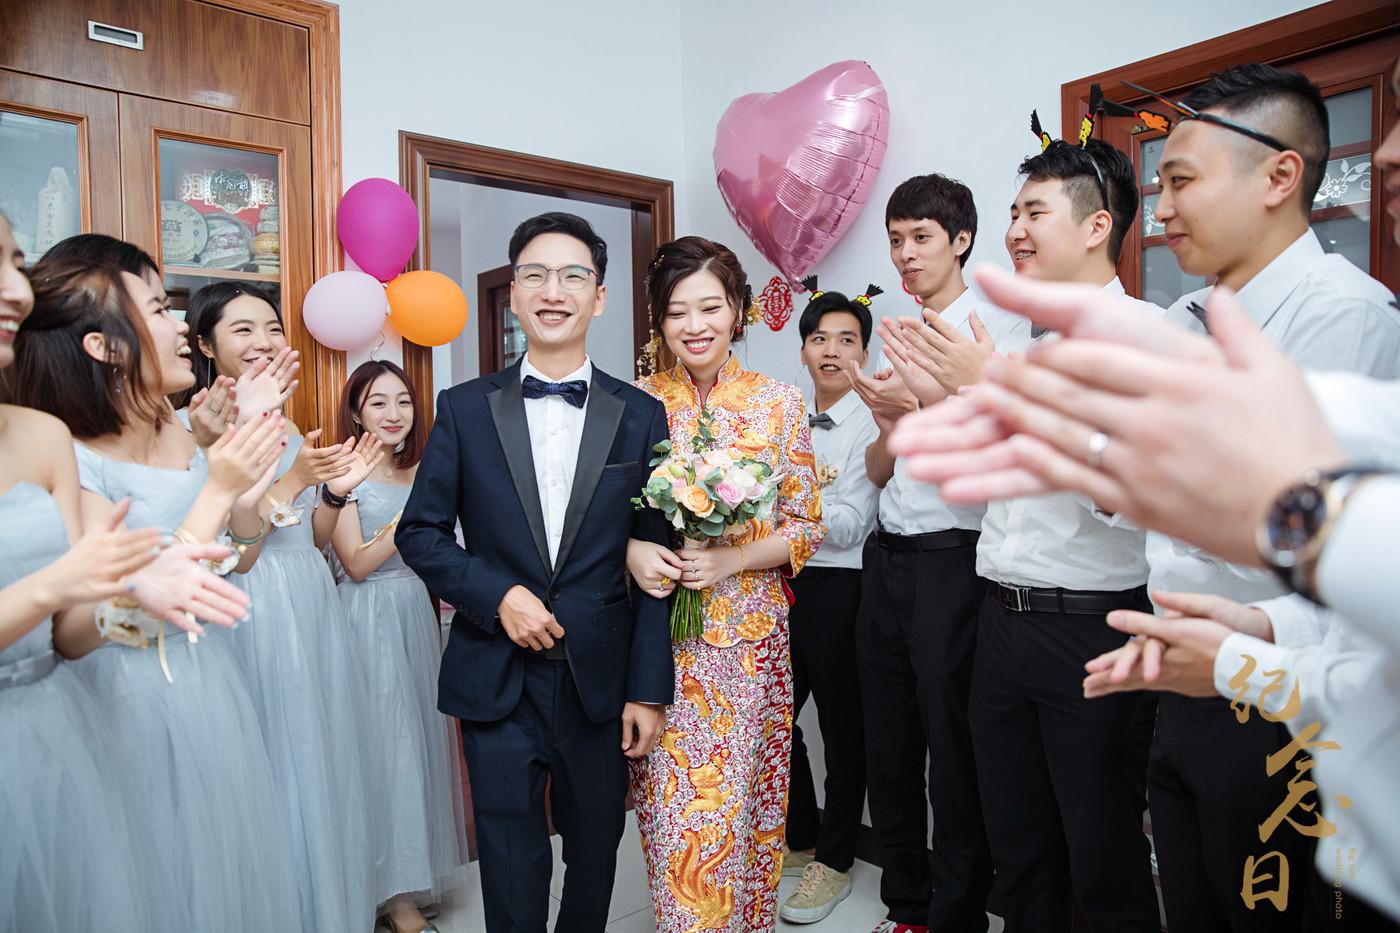 婚礼 | 志明&琳琳49